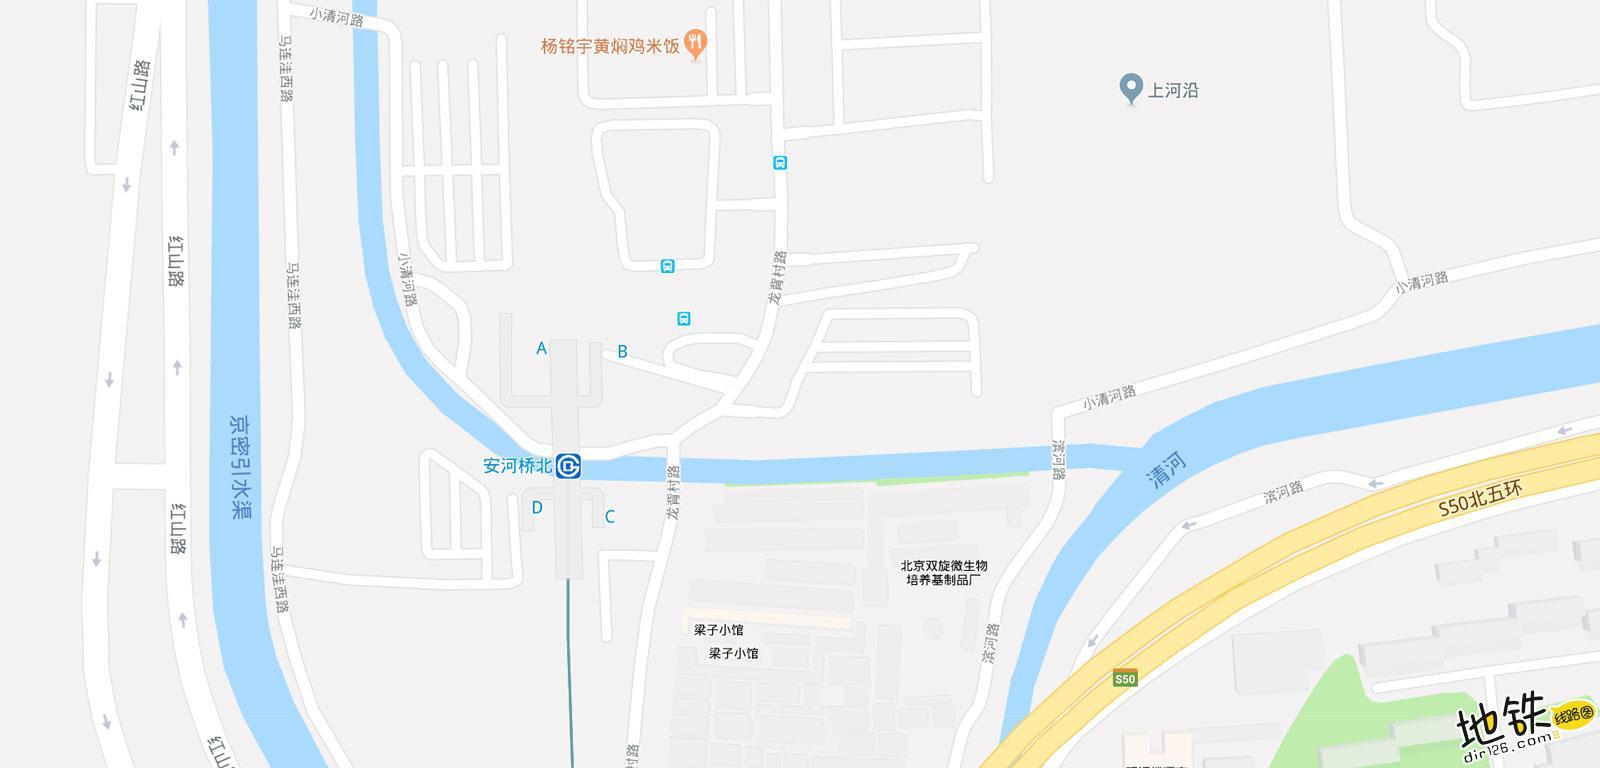 安河桥北地铁站 北京地铁安河桥北站出入口 地图信息查询  北京地铁站  第2张